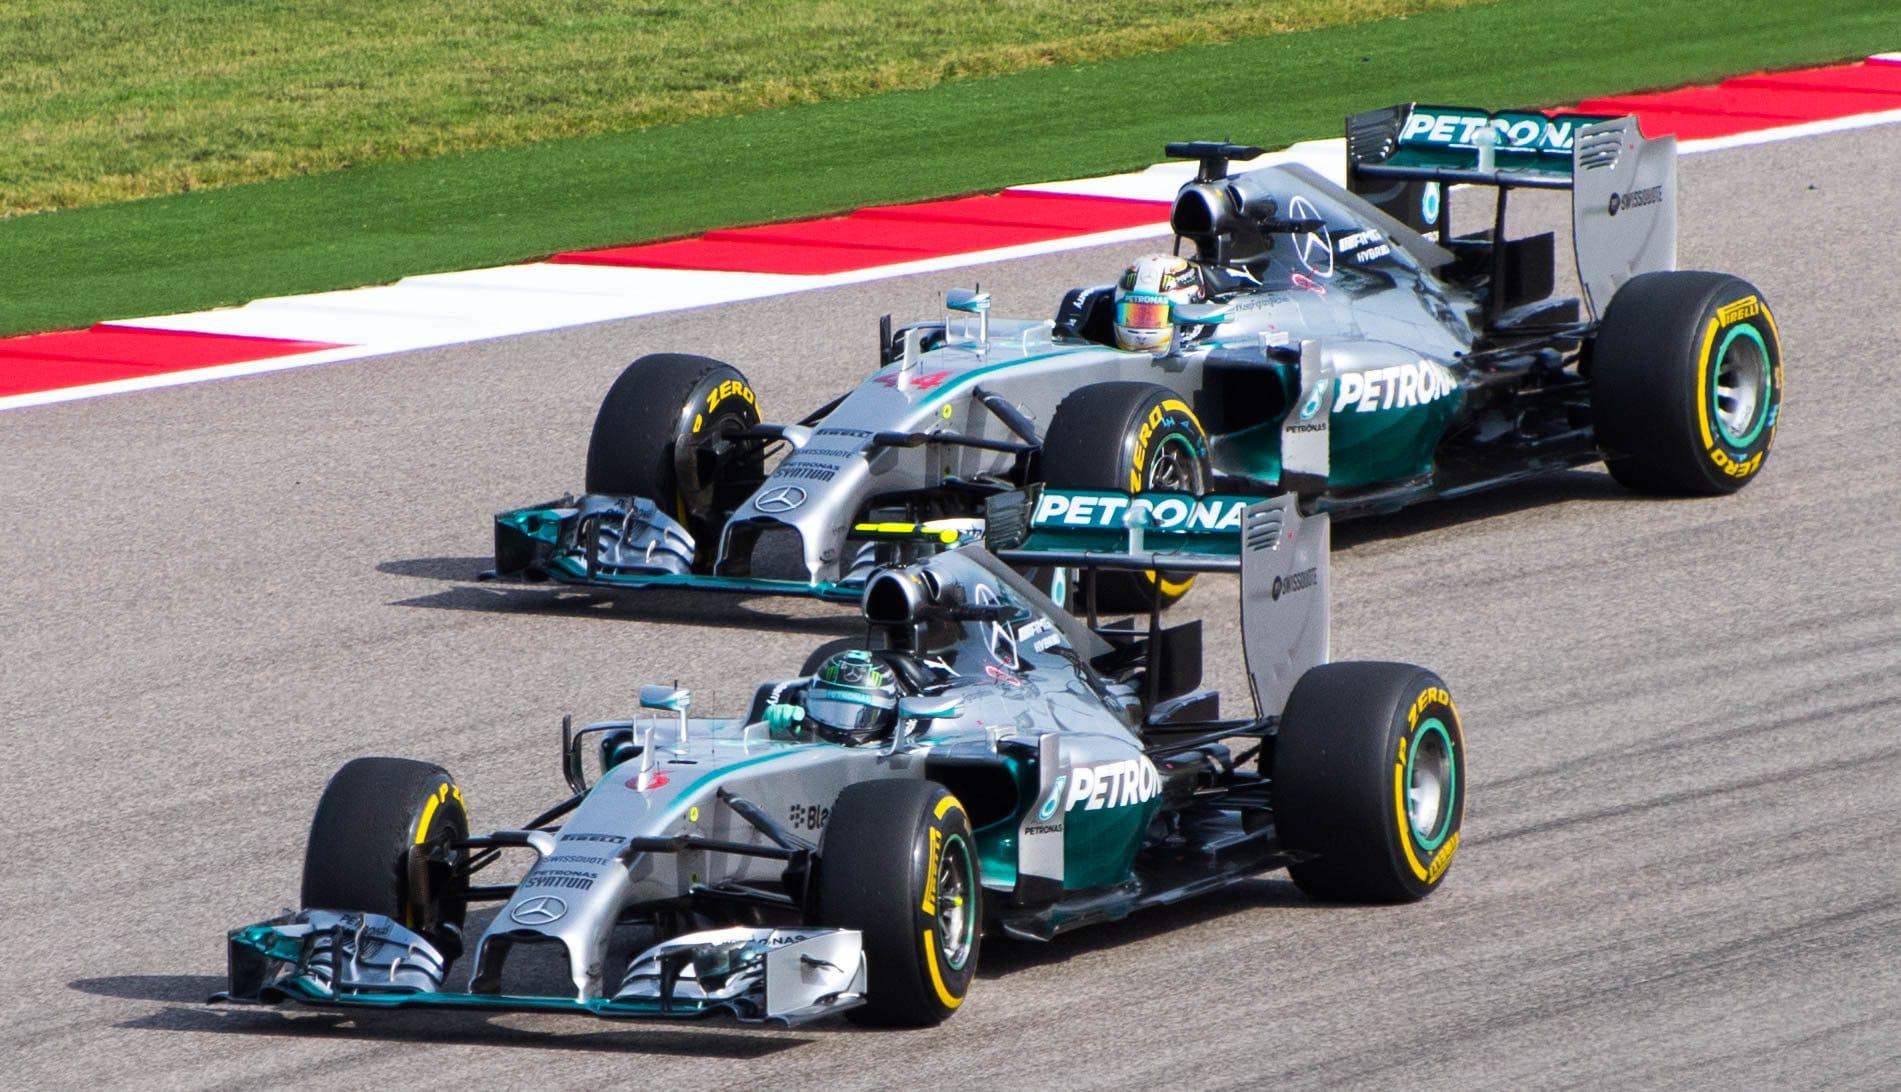 Formule 1 2014 - BBC Season Review